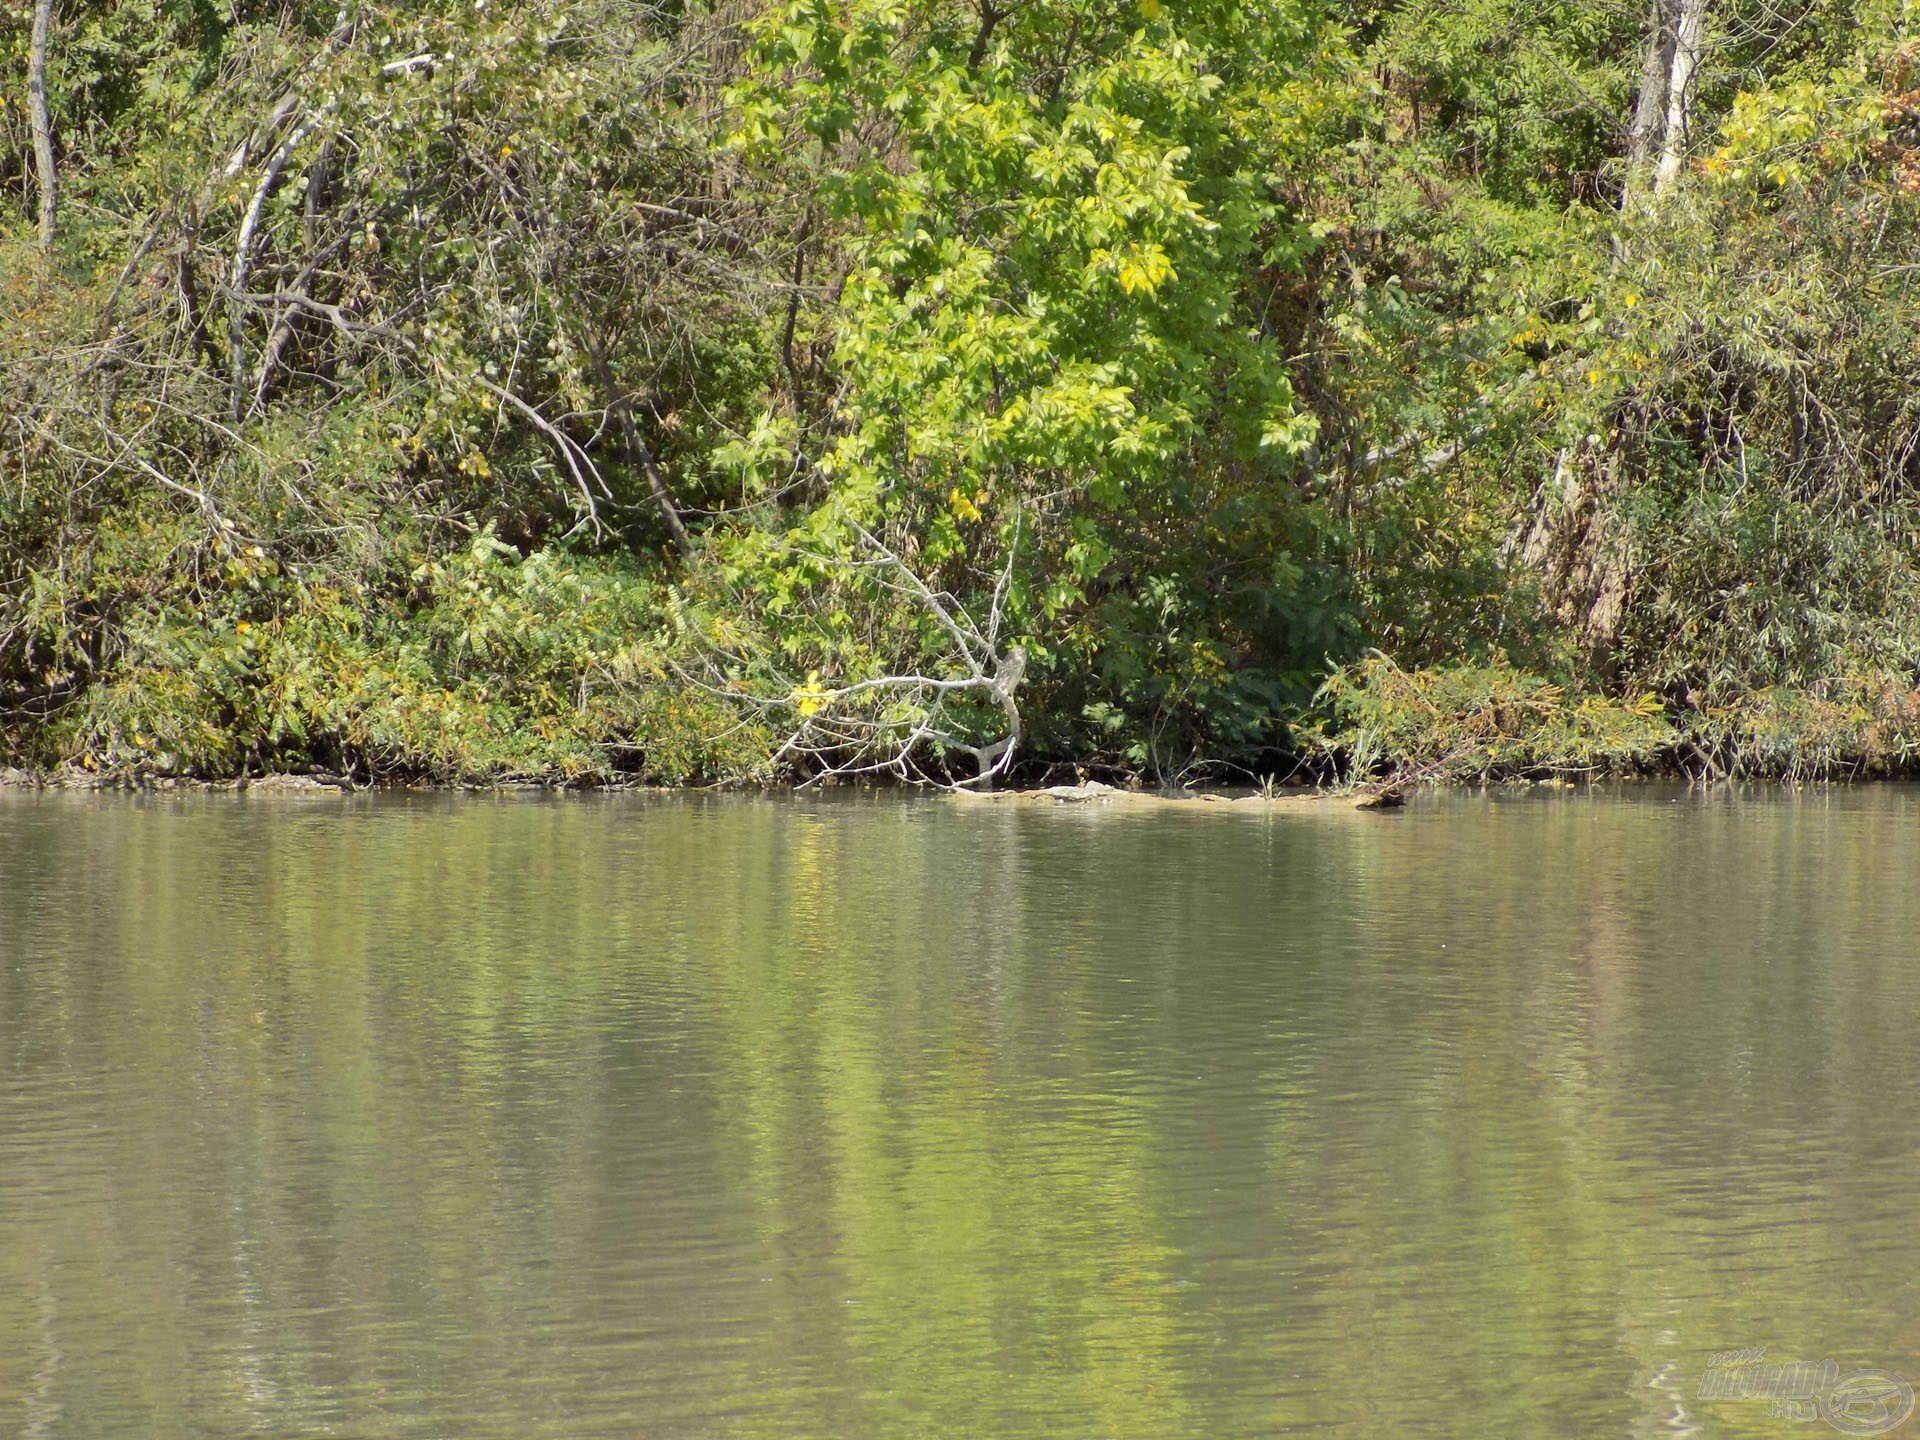 Bokrok, bedőlt fák, sűrű növényzet. Csendet, nyugalmat, táplálékot jelentenek a halak számára az ilyen helyek. Az egyik végszerelékünket mindenképpen érdemes a túlpart közelében elhelyezni